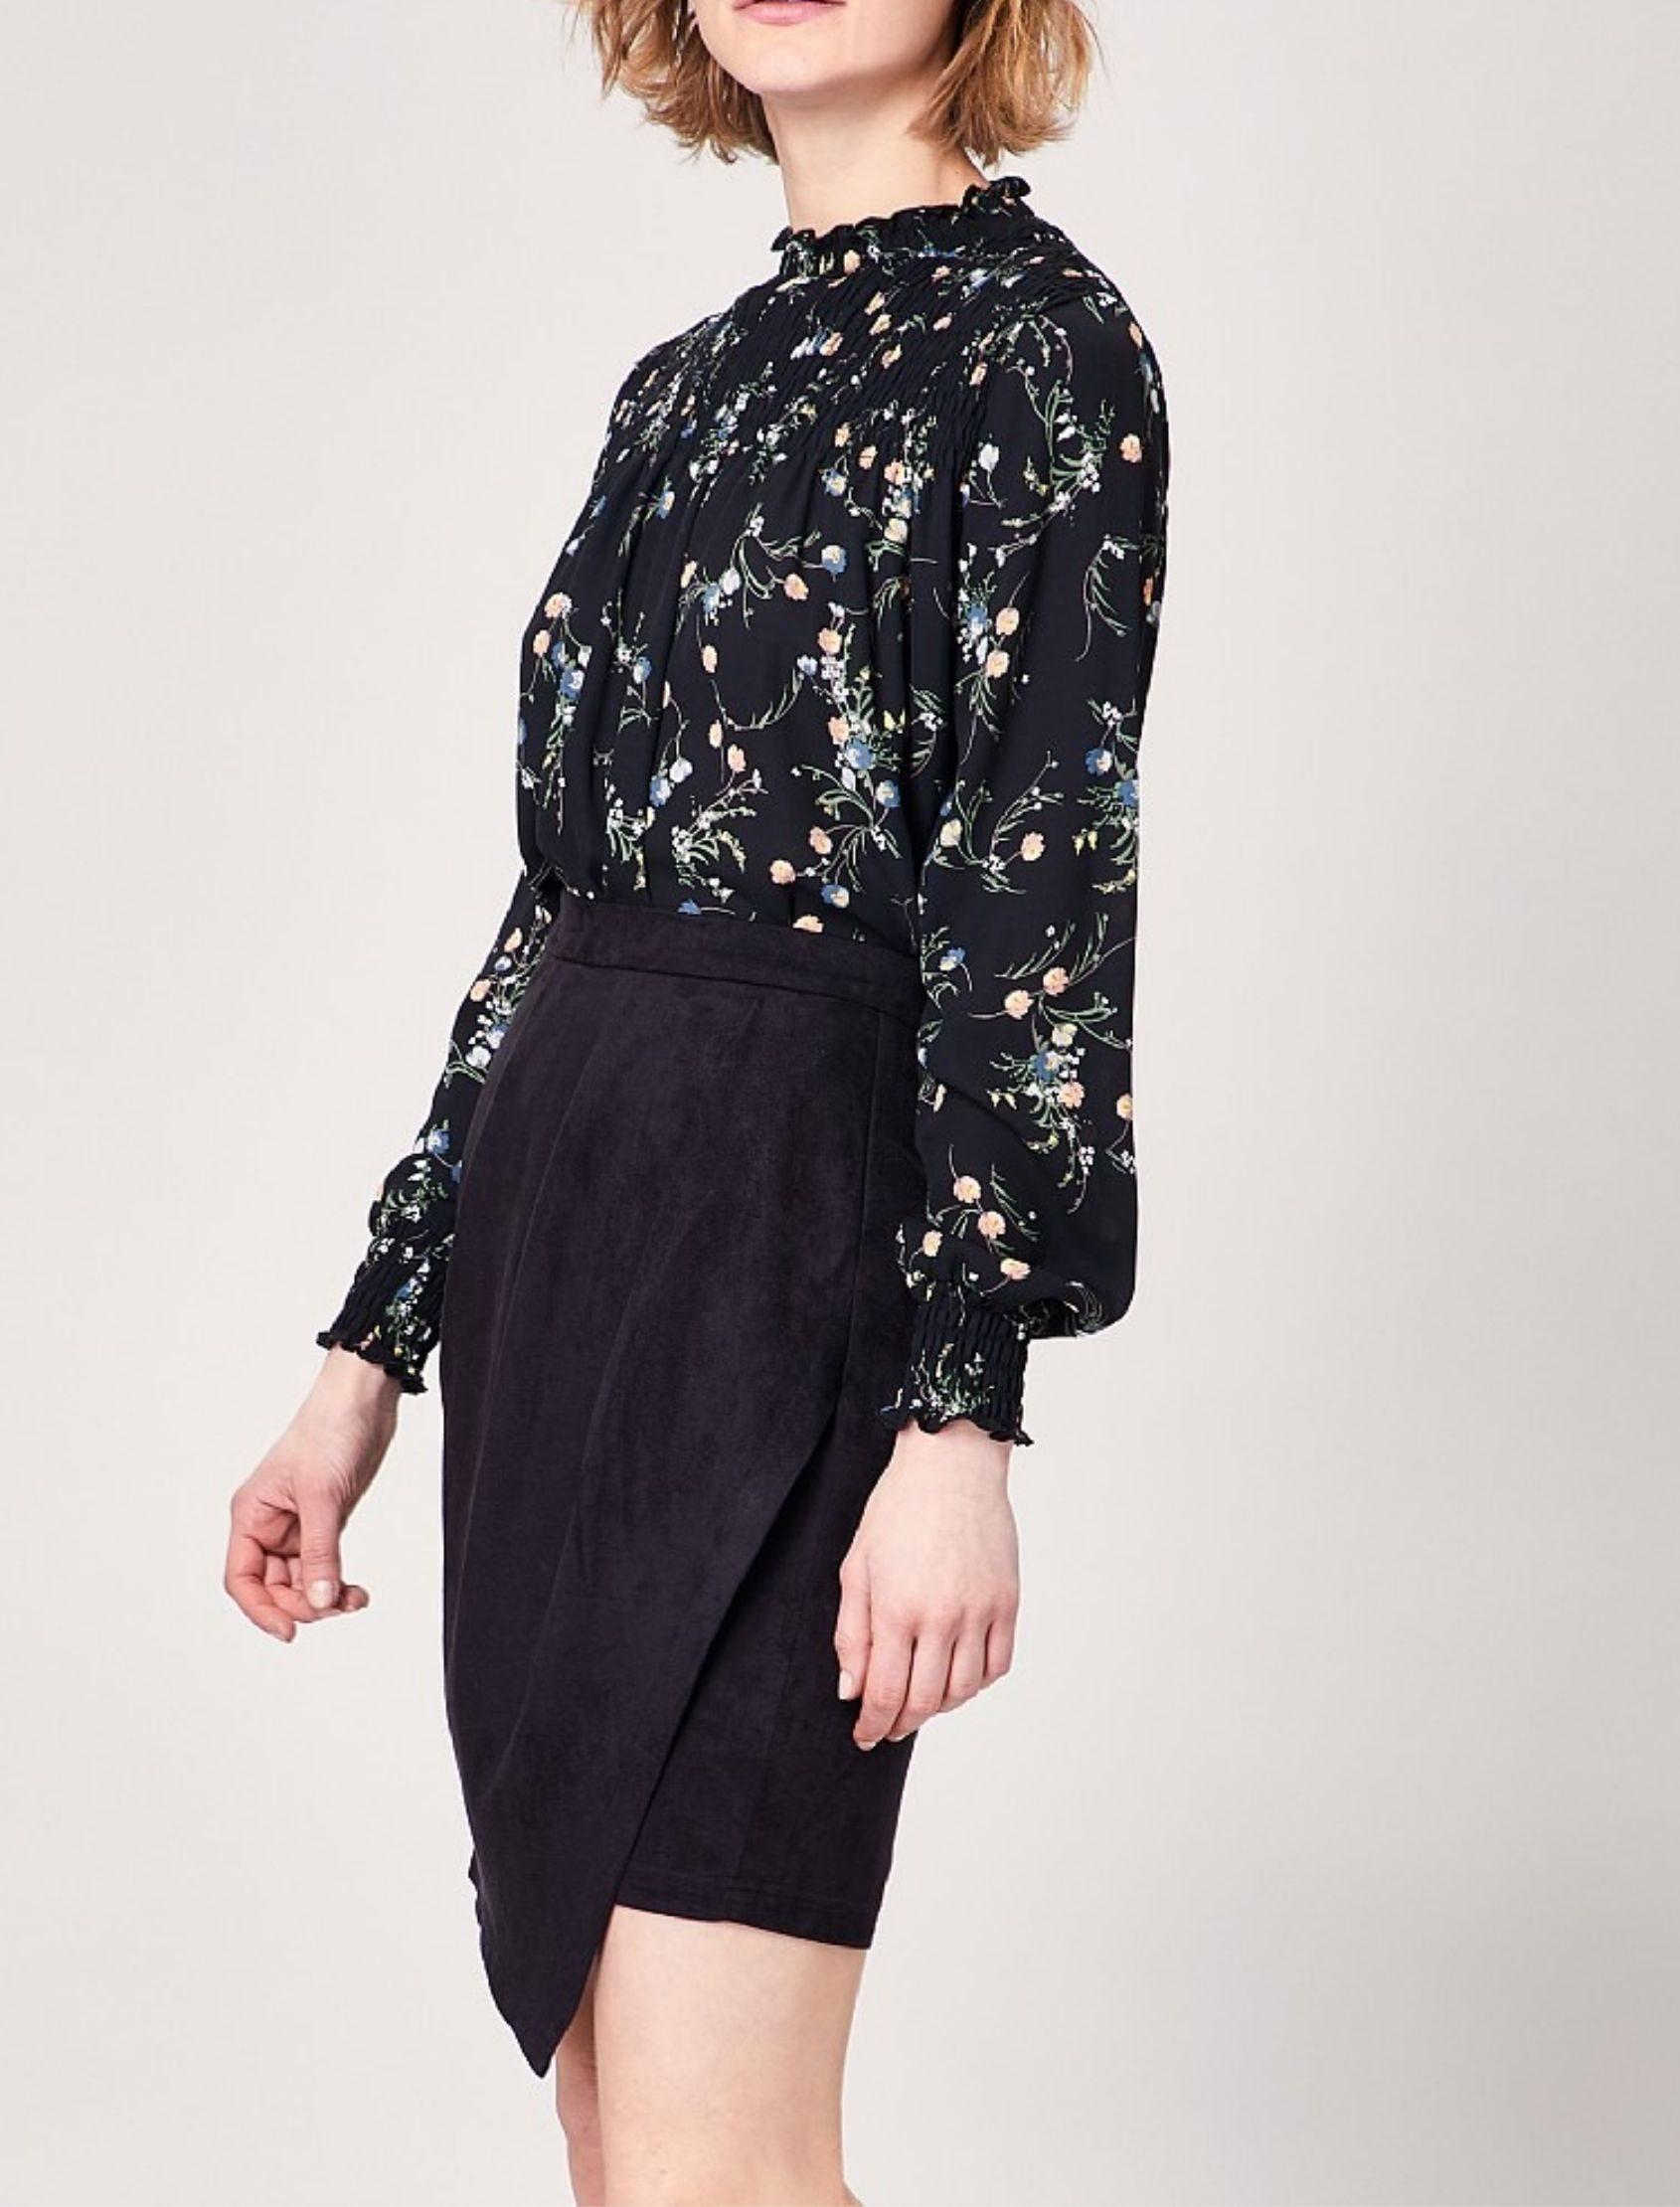 falda steph de angeleye en color negro. corta y con cruce delantero